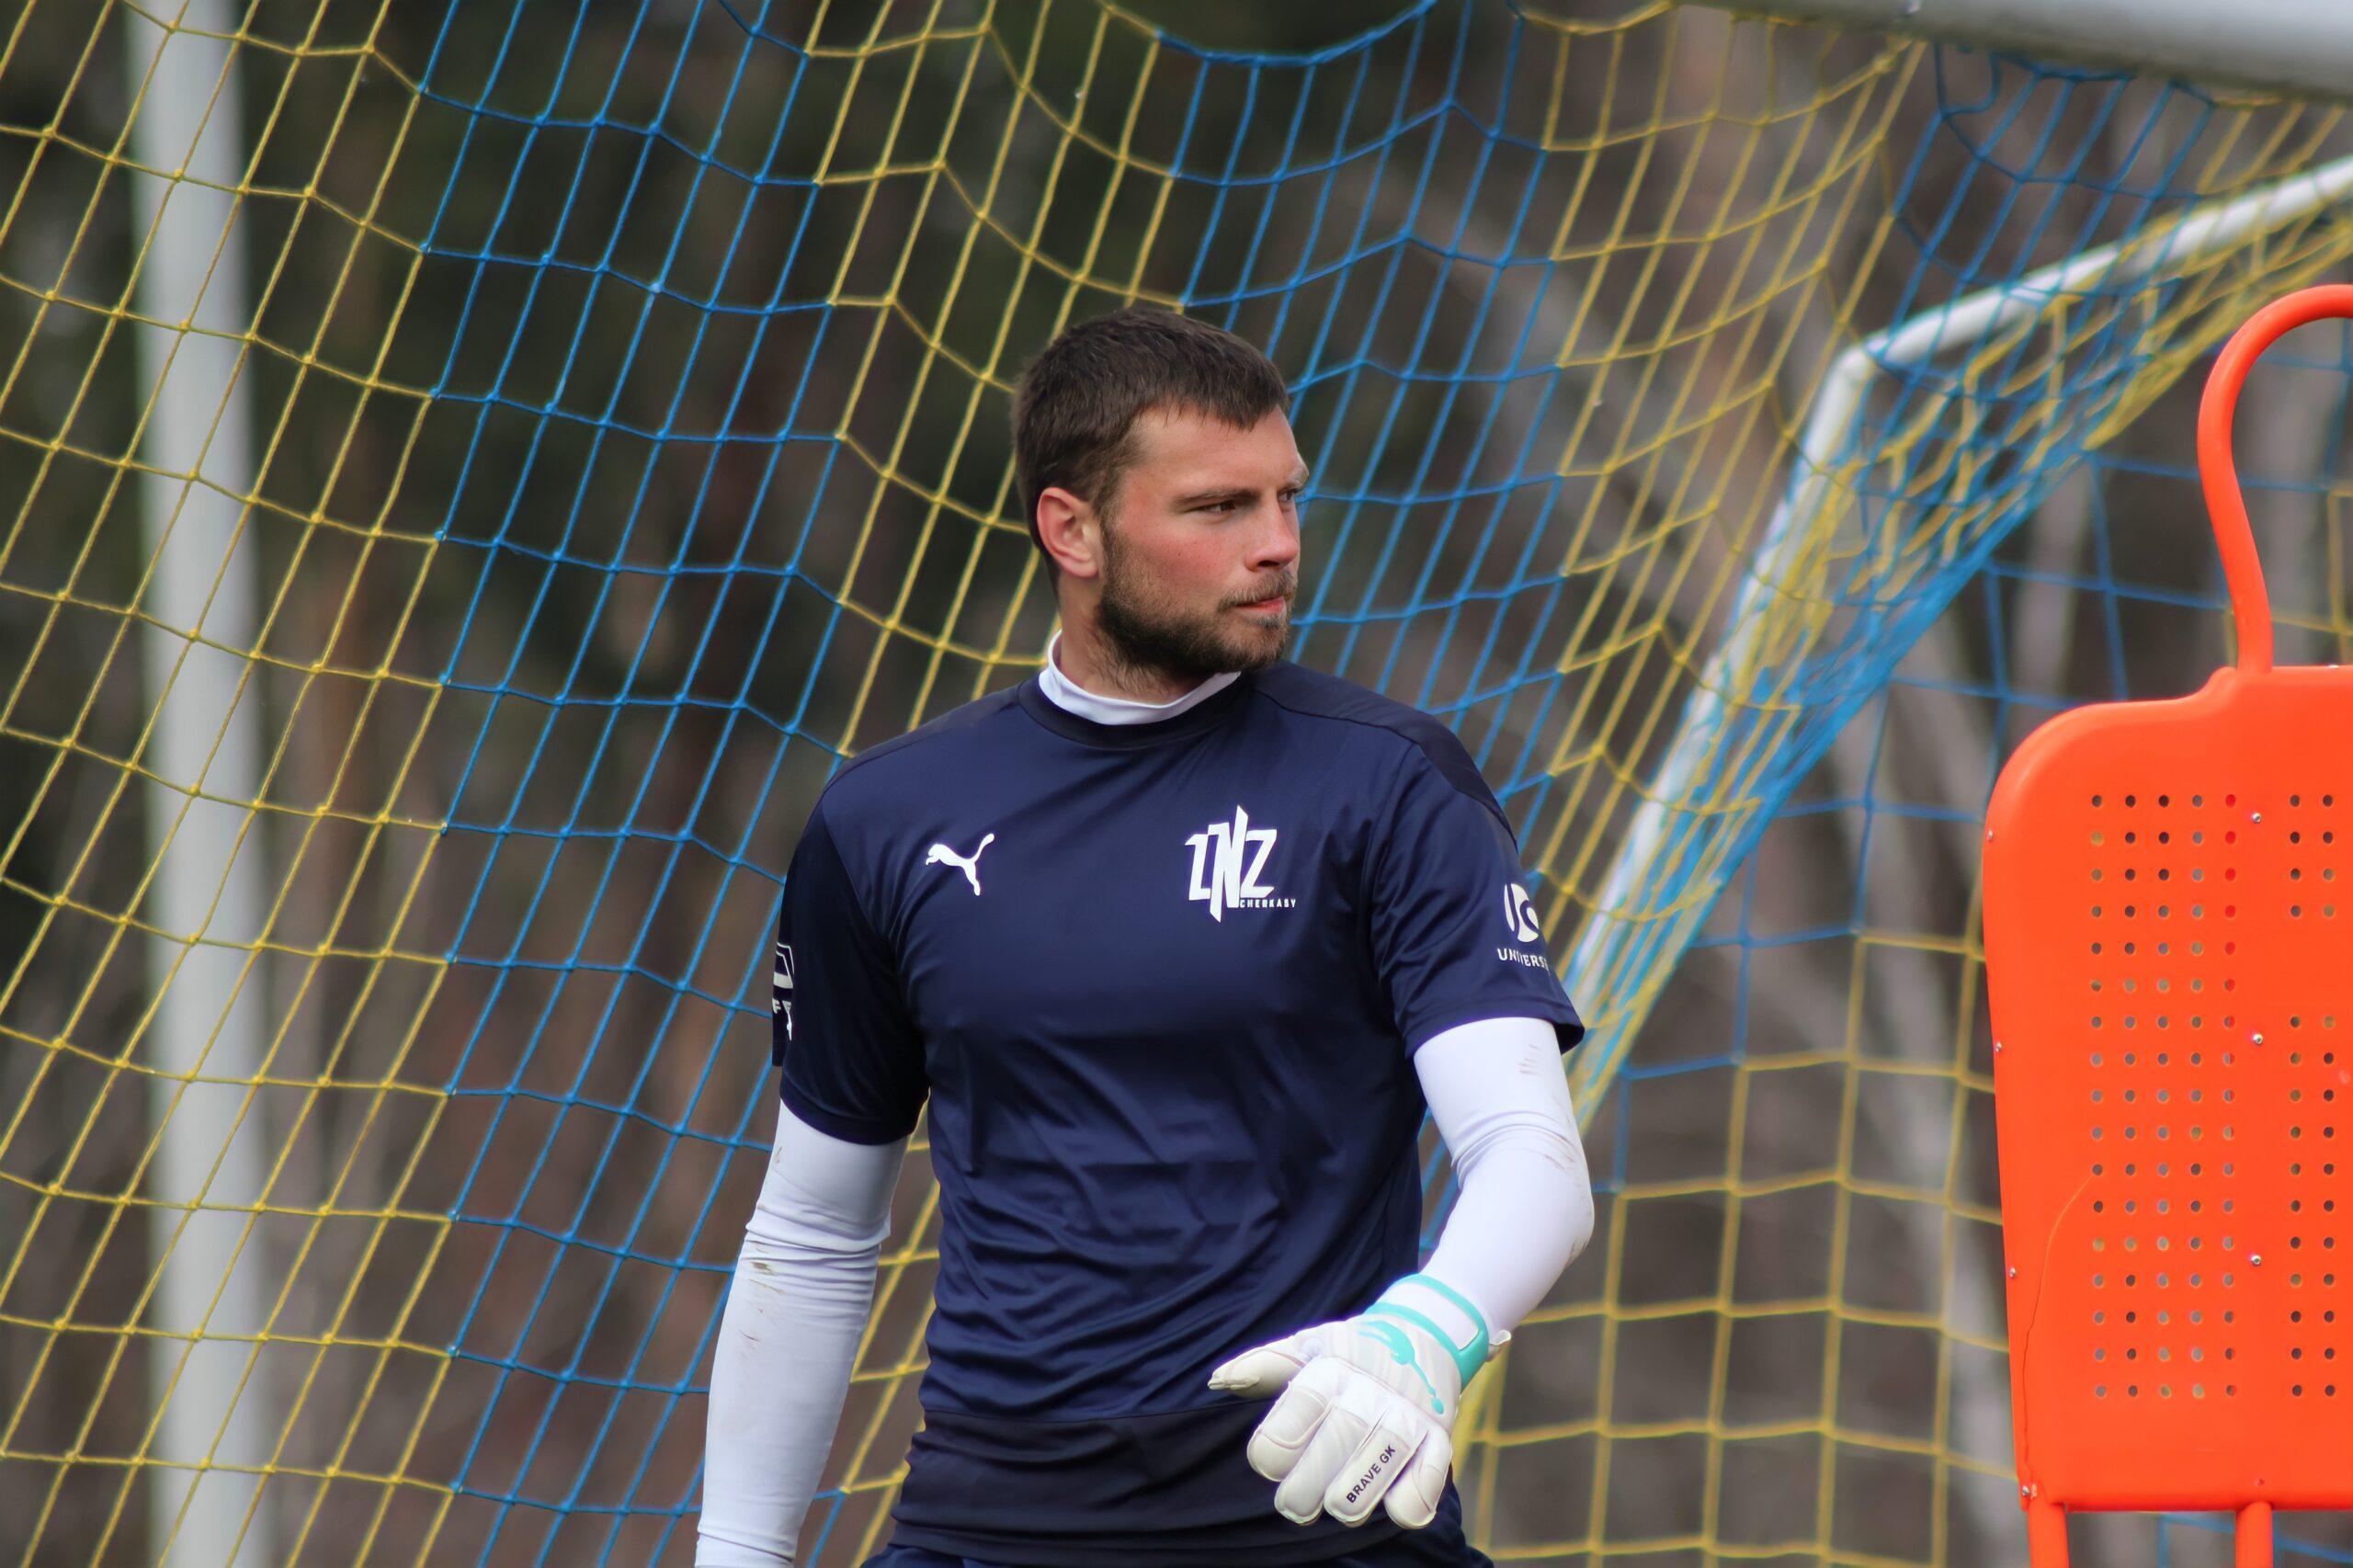 Євген Панченко: «Західні команди відрізняються особливим бійцівським характером»